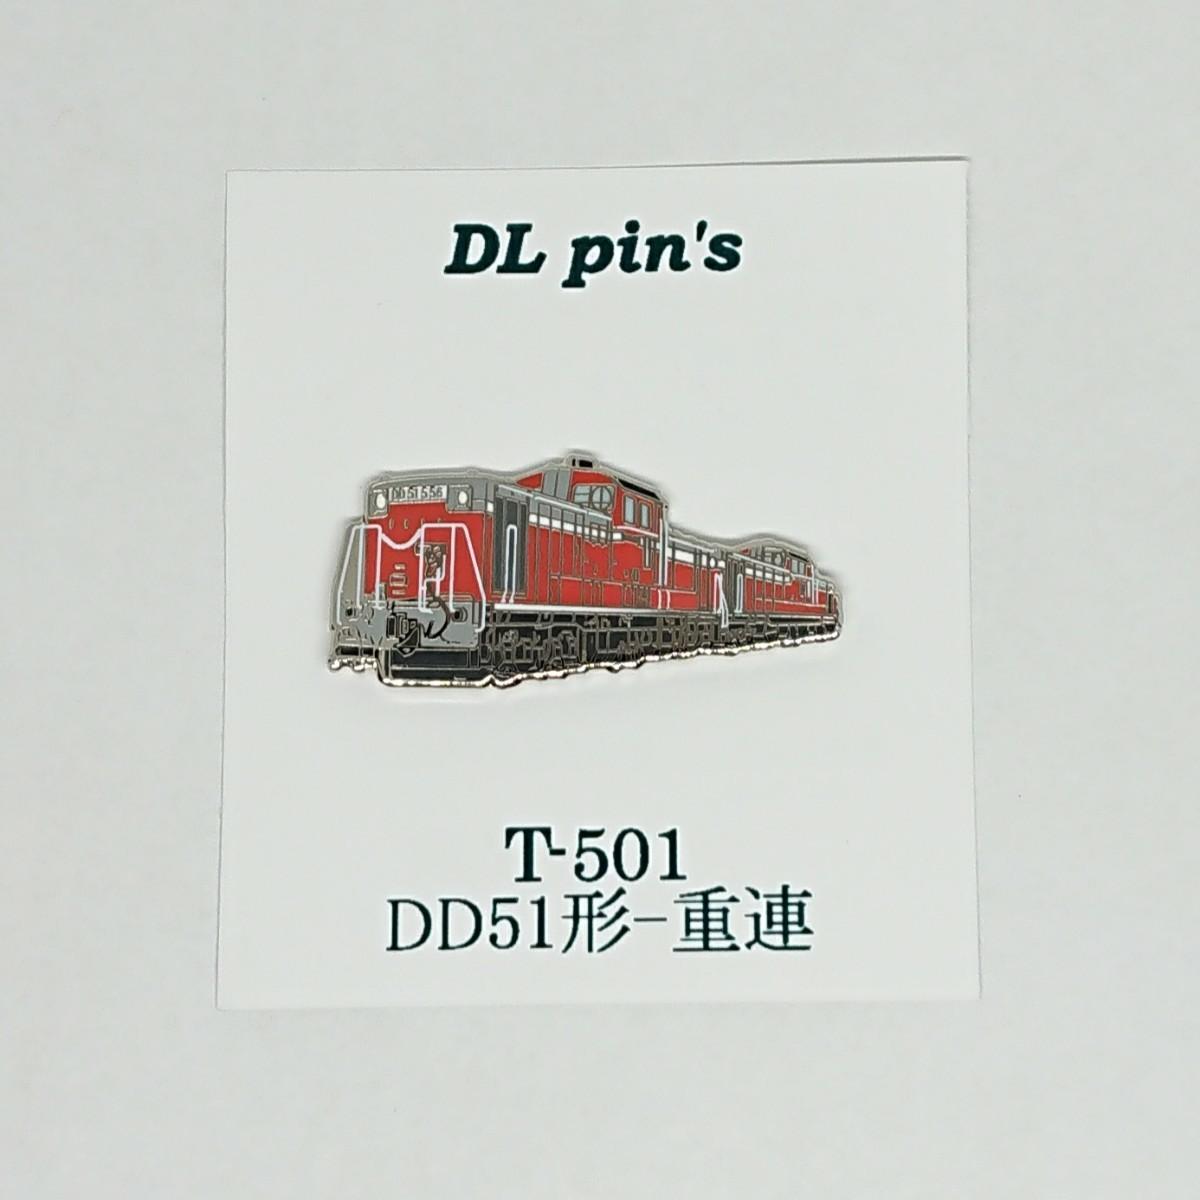 ピンバッチ DD51形 重連 貨物列車 鉄道 電車  JR貨物列車 トレイン グッズ コレクター コレクション ピンバッジ